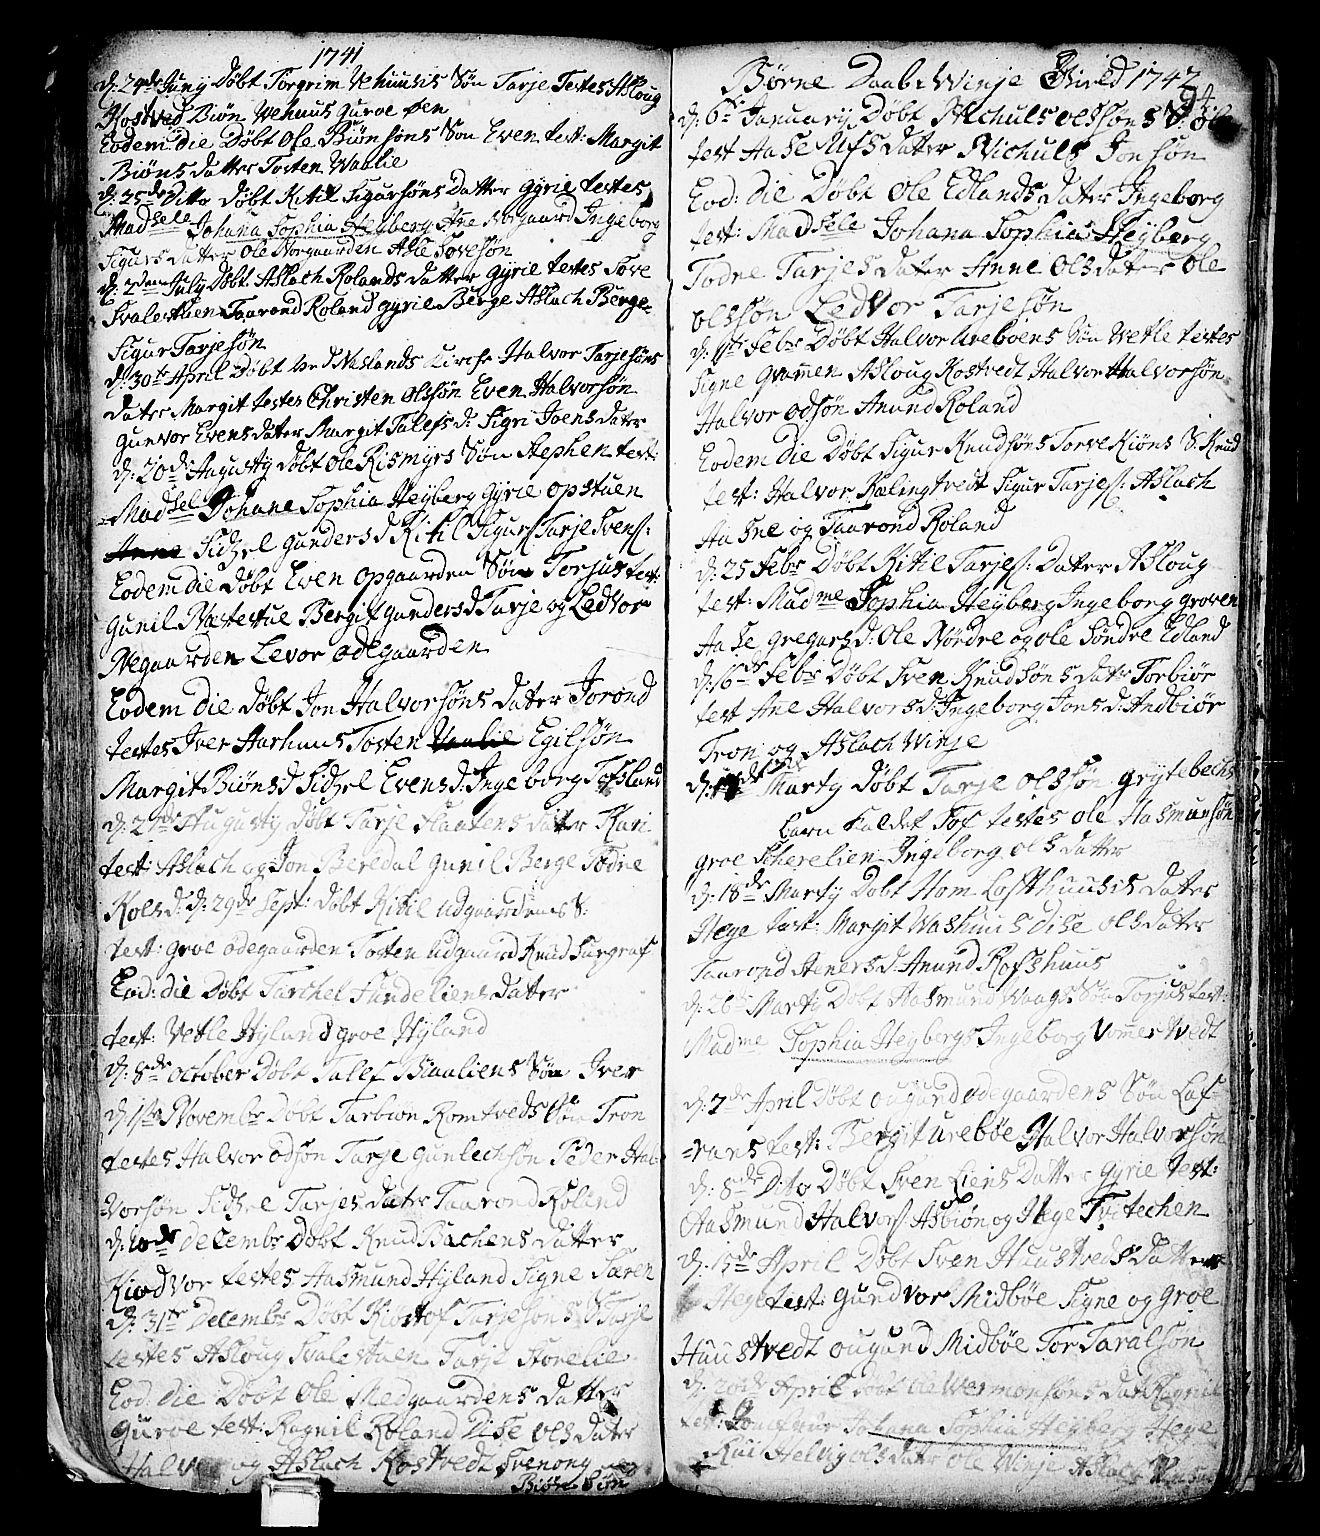 SAKO, Vinje kirkebøker, F/Fa/L0001: Ministerialbok nr. I 1, 1717-1766, s. 94